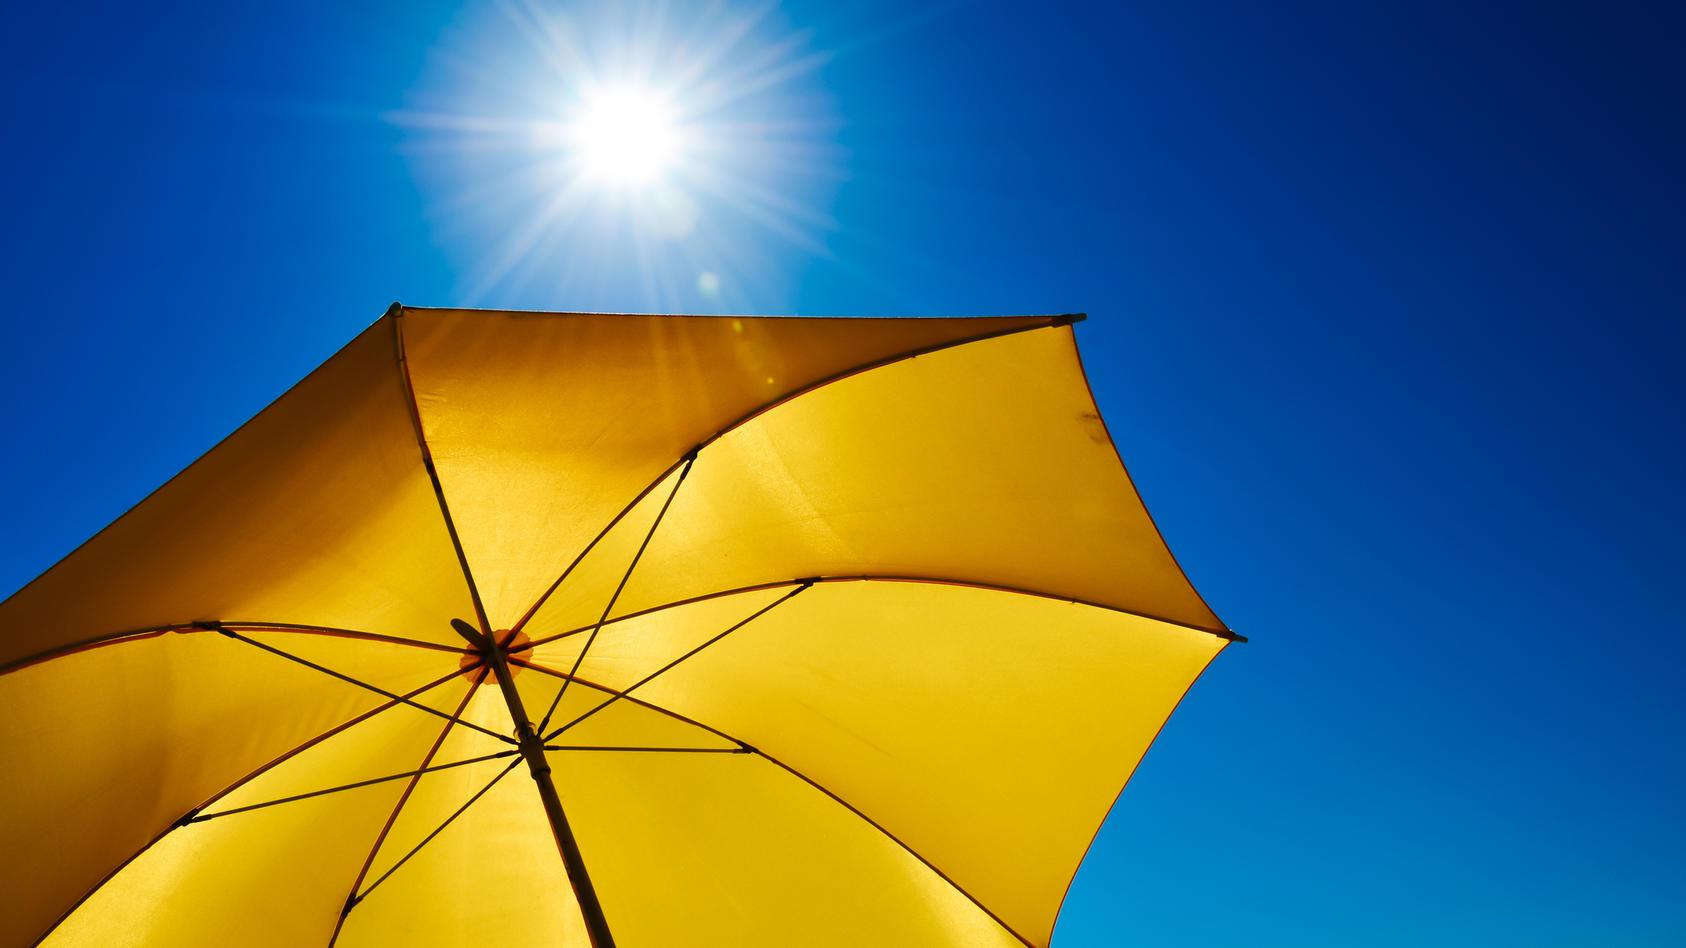 Es wird die Tage nicht nur verdammt heiß, sondern die UV-Belastung wird extrem hoch! Wir erklären, wie Sie sich am besten davor schützen,.